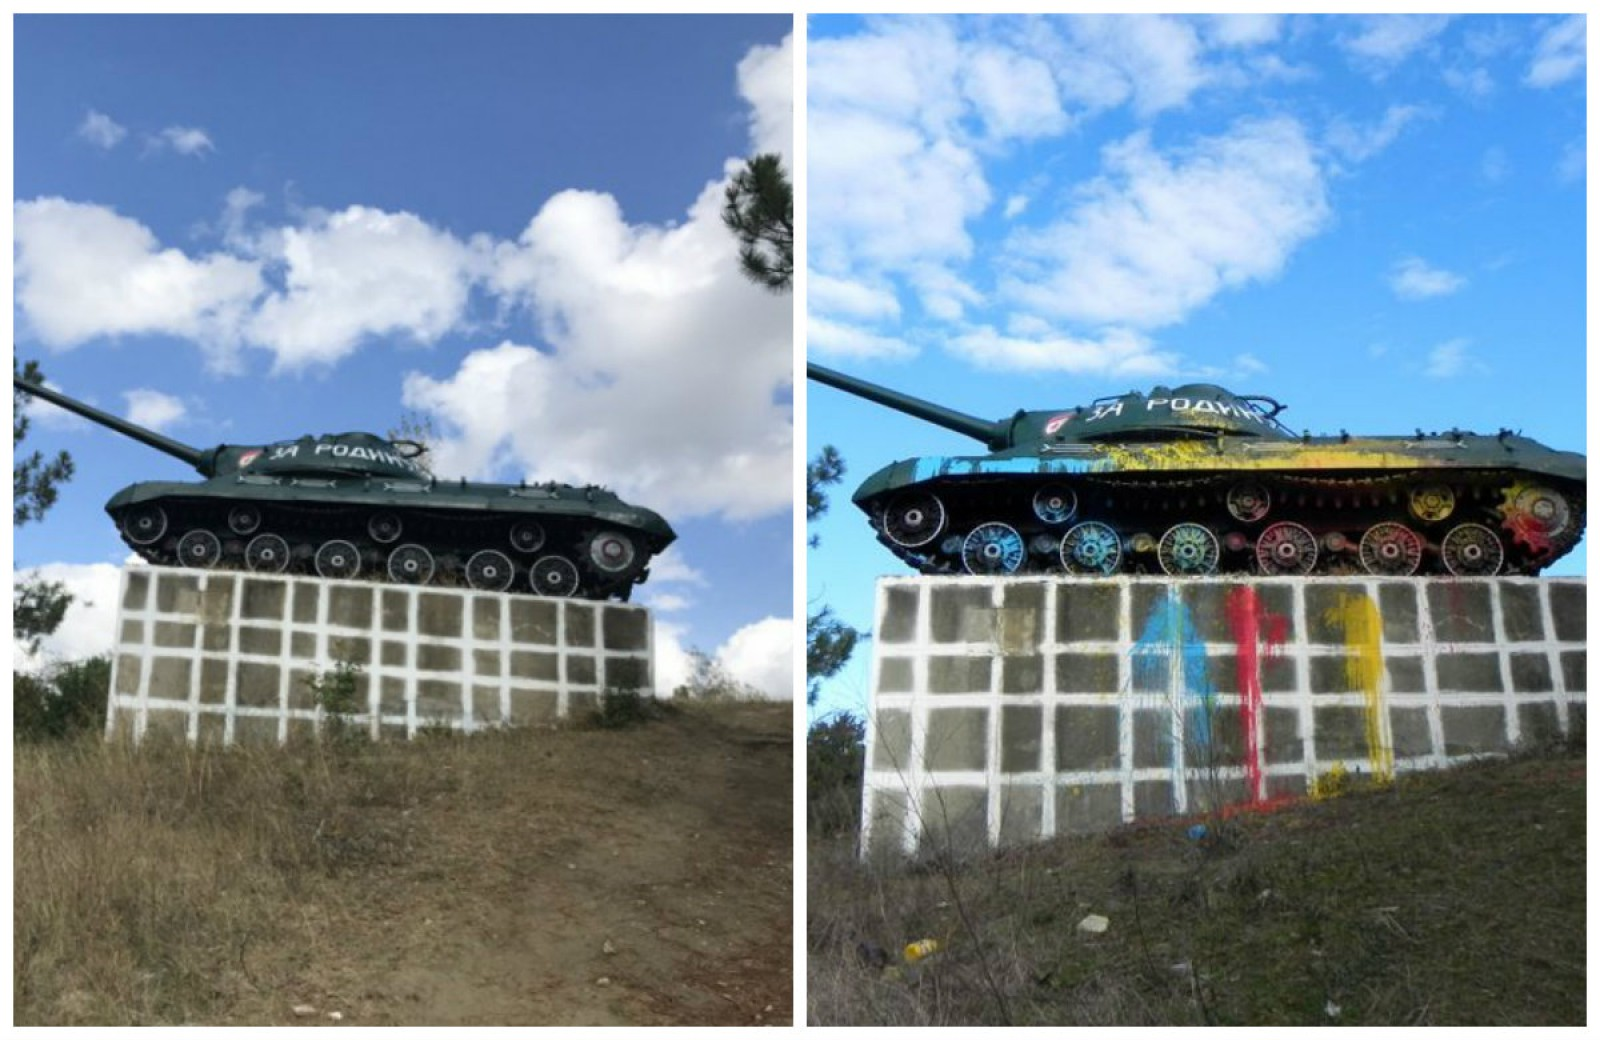 (foto) Tricolor pe tancul de la Cornești! Cum arată acum blindata din centrul Moldovei